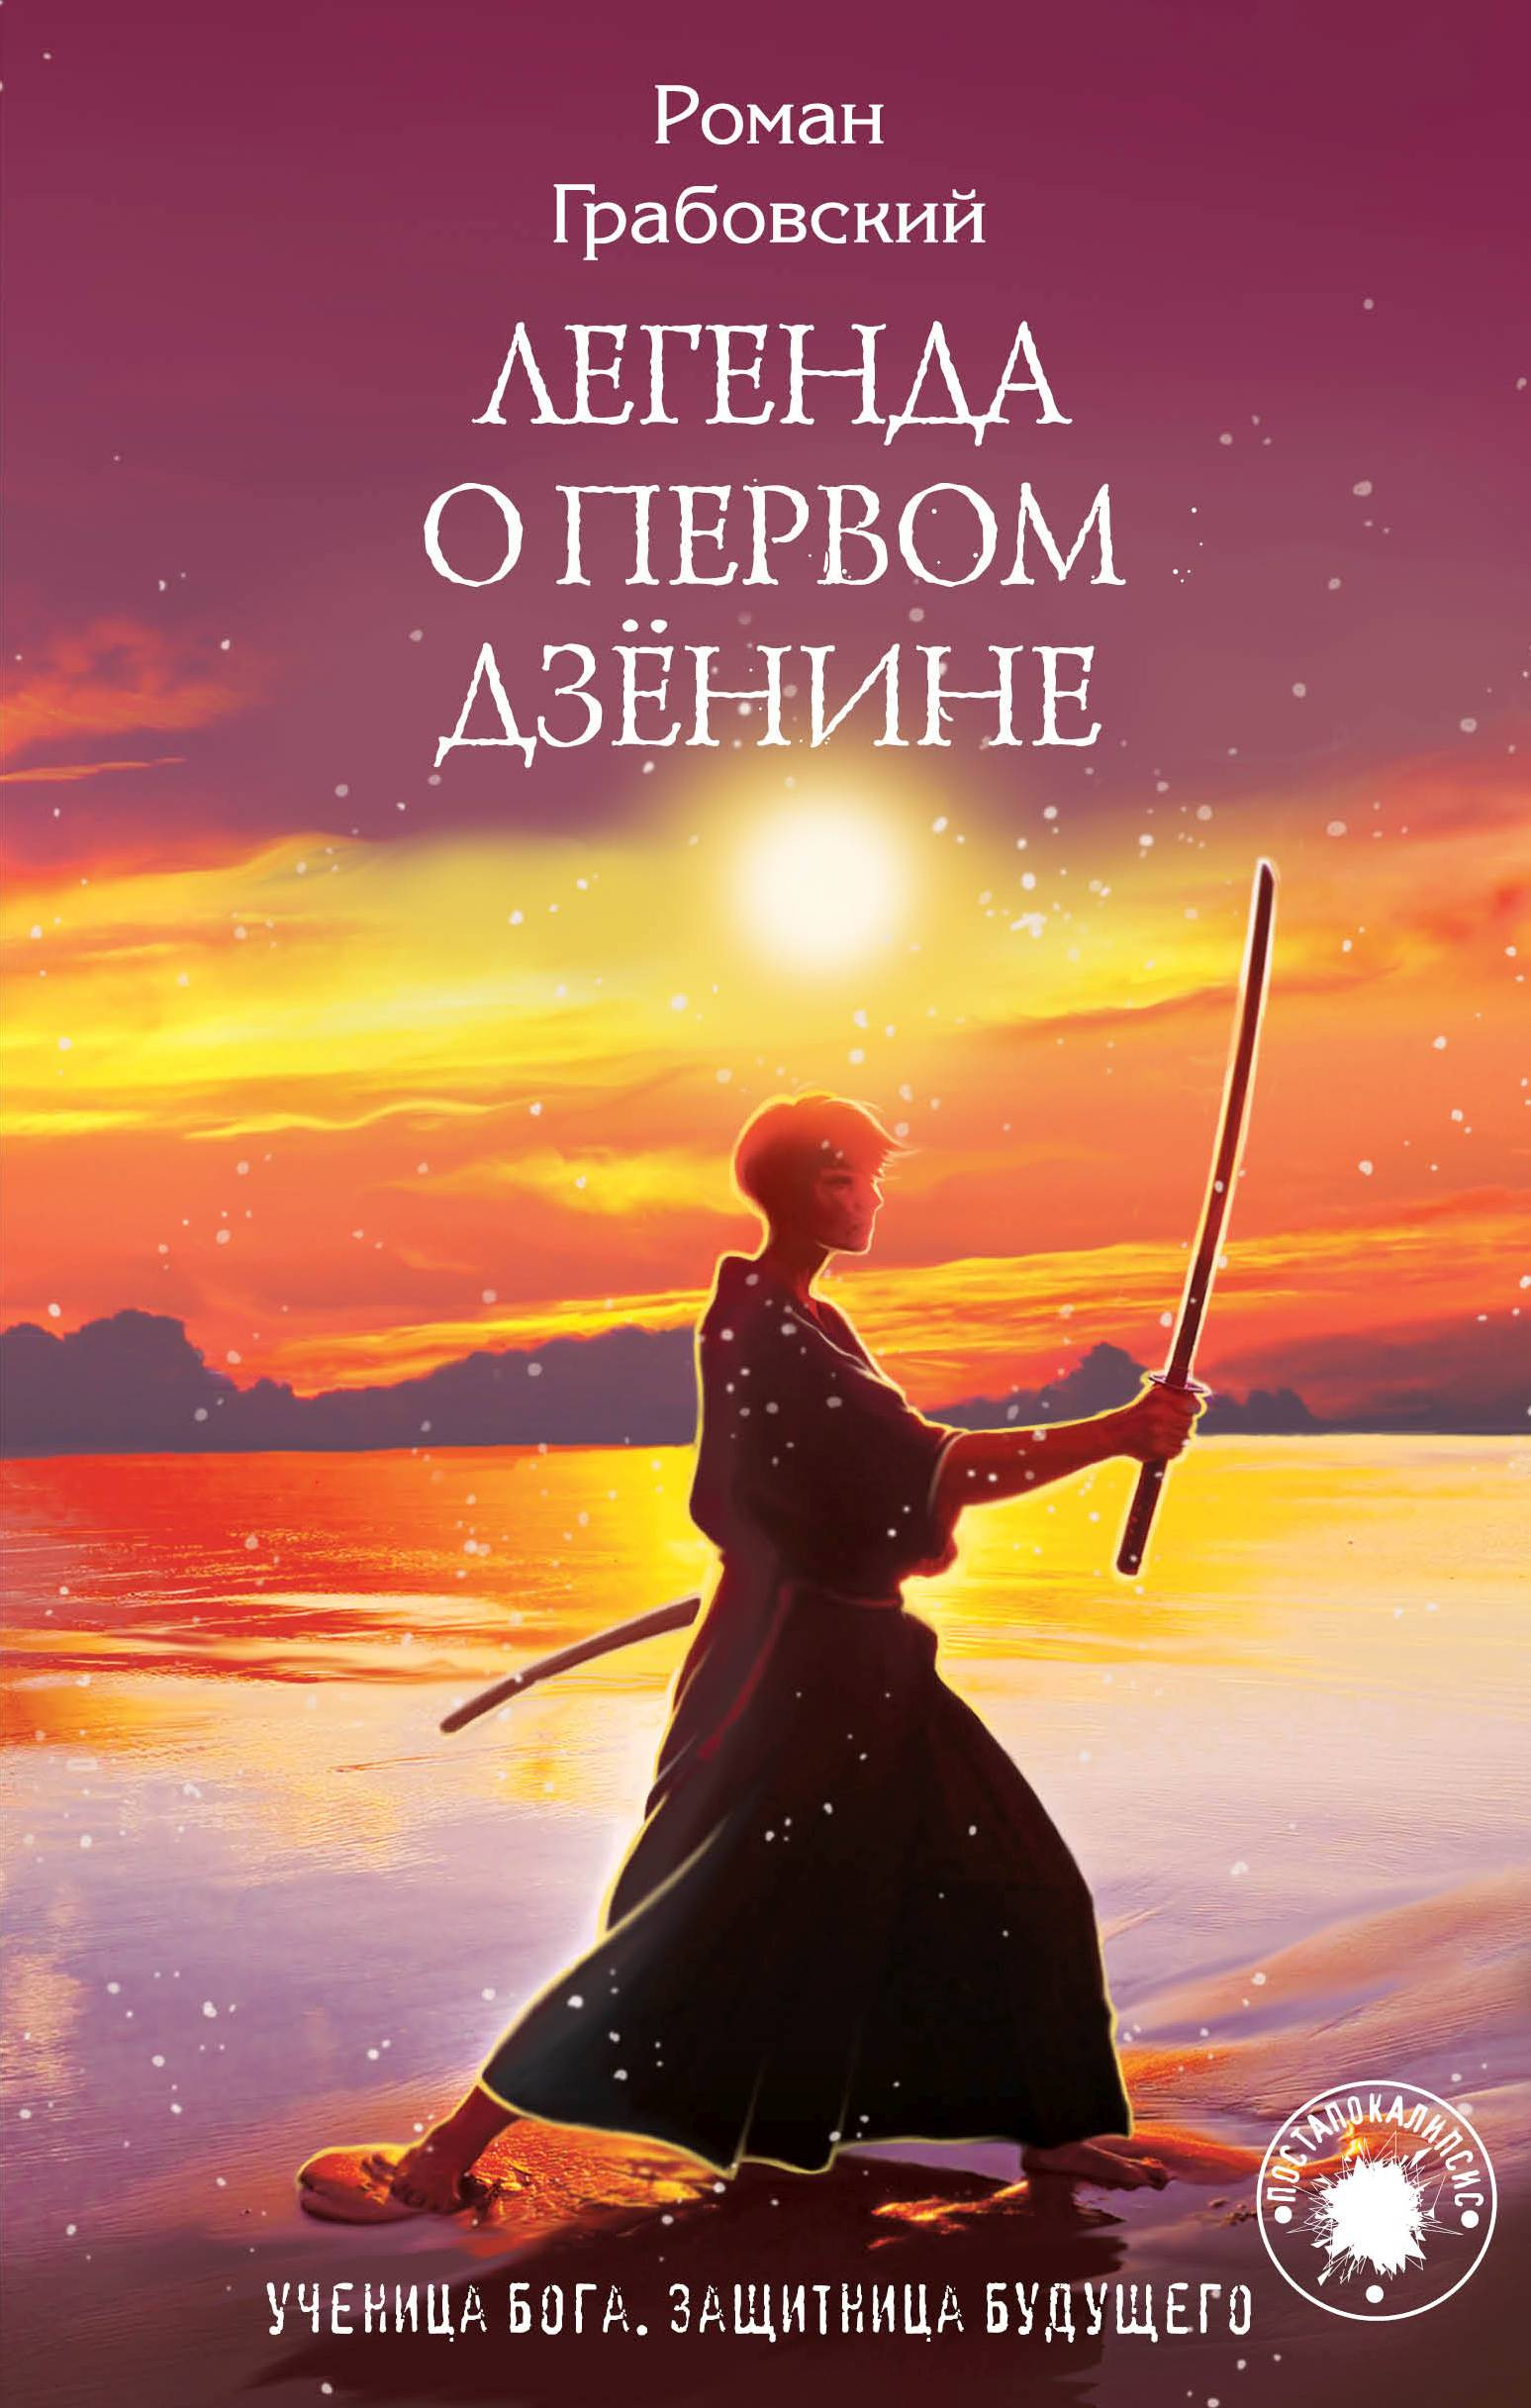 Легенда о Первом Дзёнине